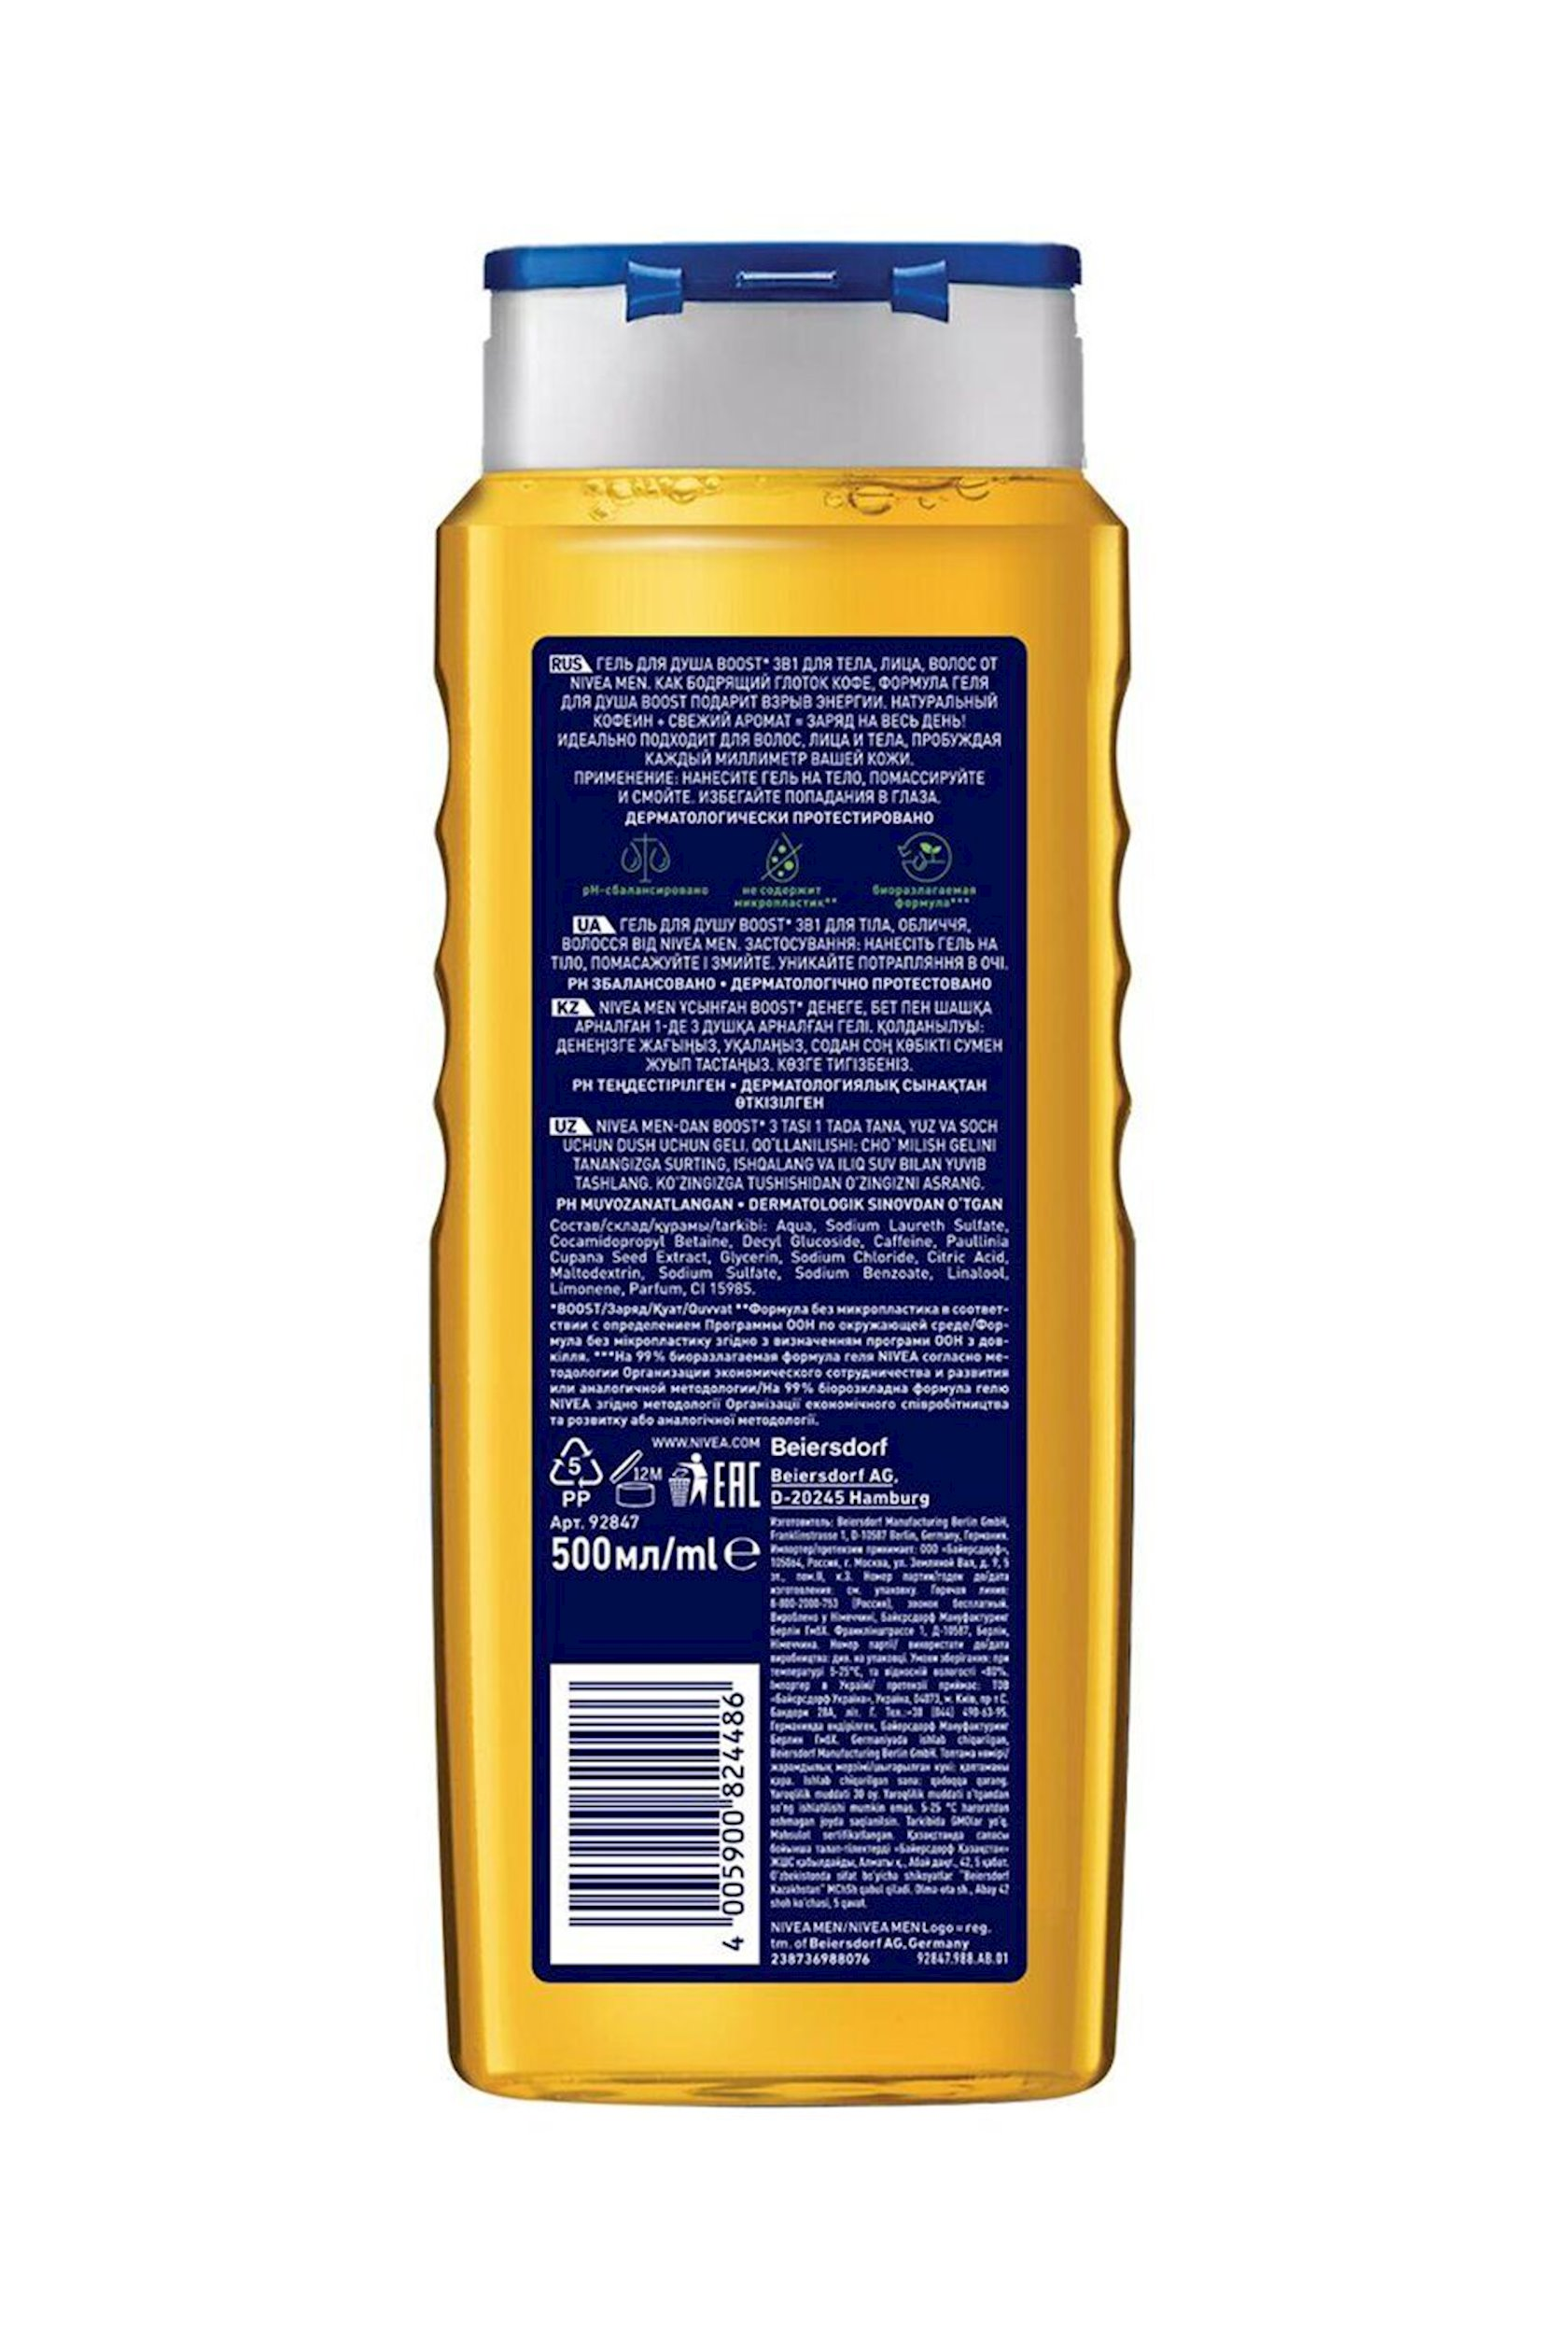 Duş geli Nivea Boost 3 1-də bədən, üz və saç üçün, 500 ml